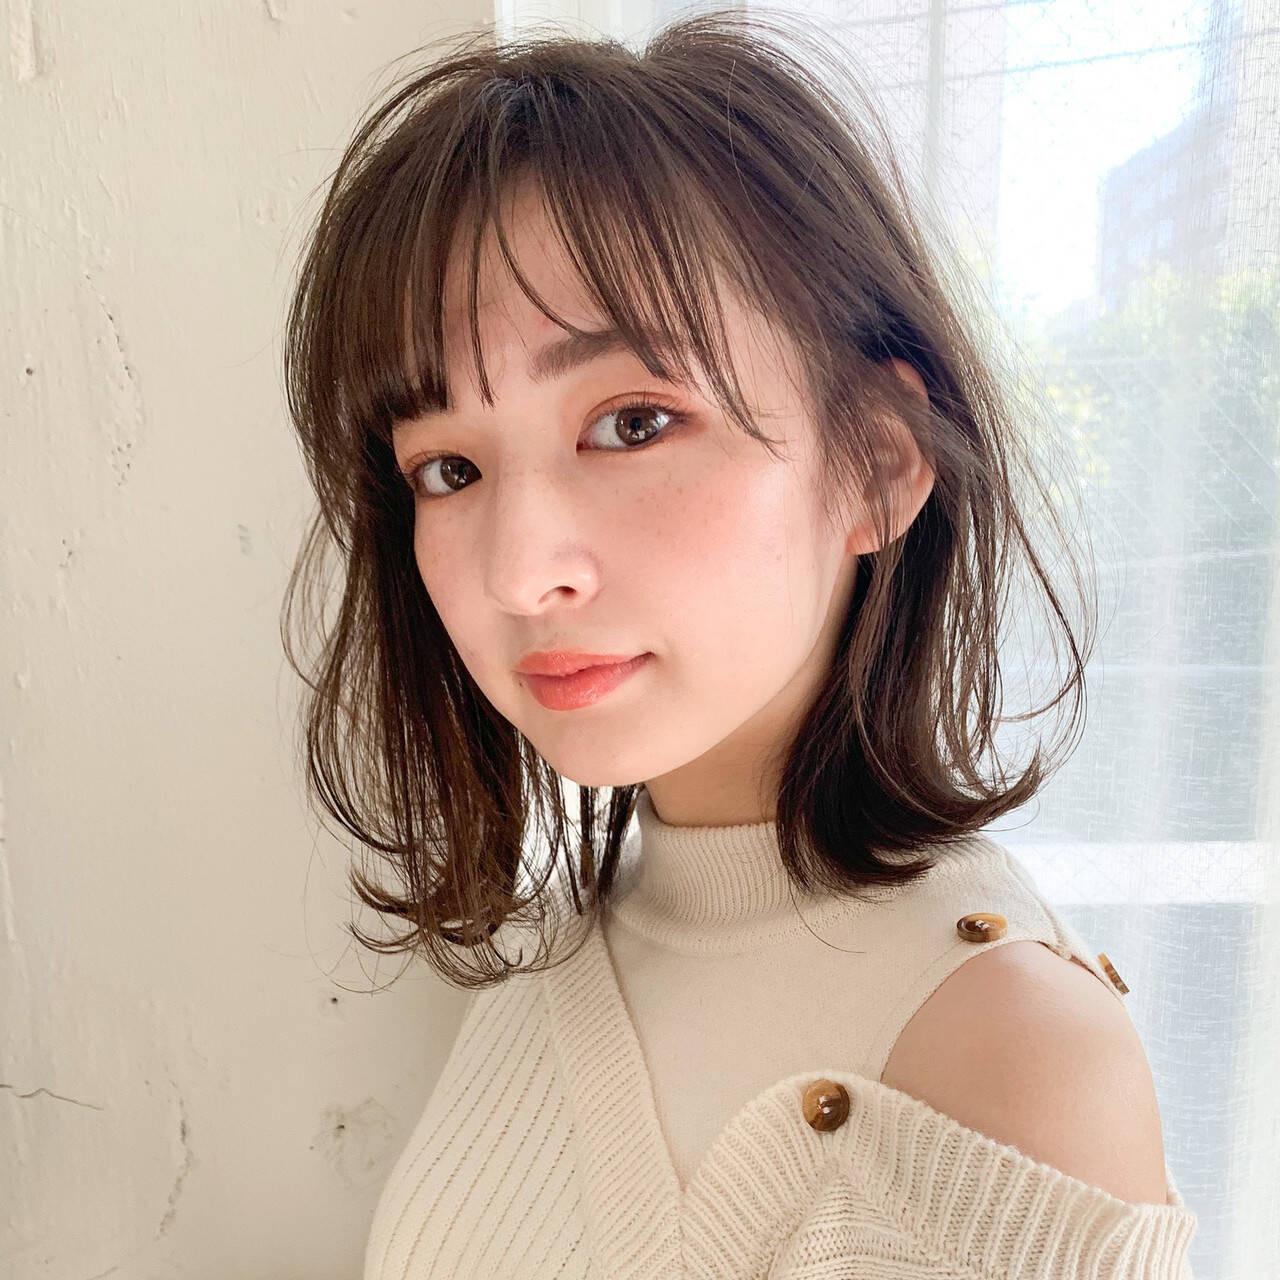 毛量が少ない人に似合うヘアは... kyli 渡邊純平/前髪デザイナー  kyli 表参道